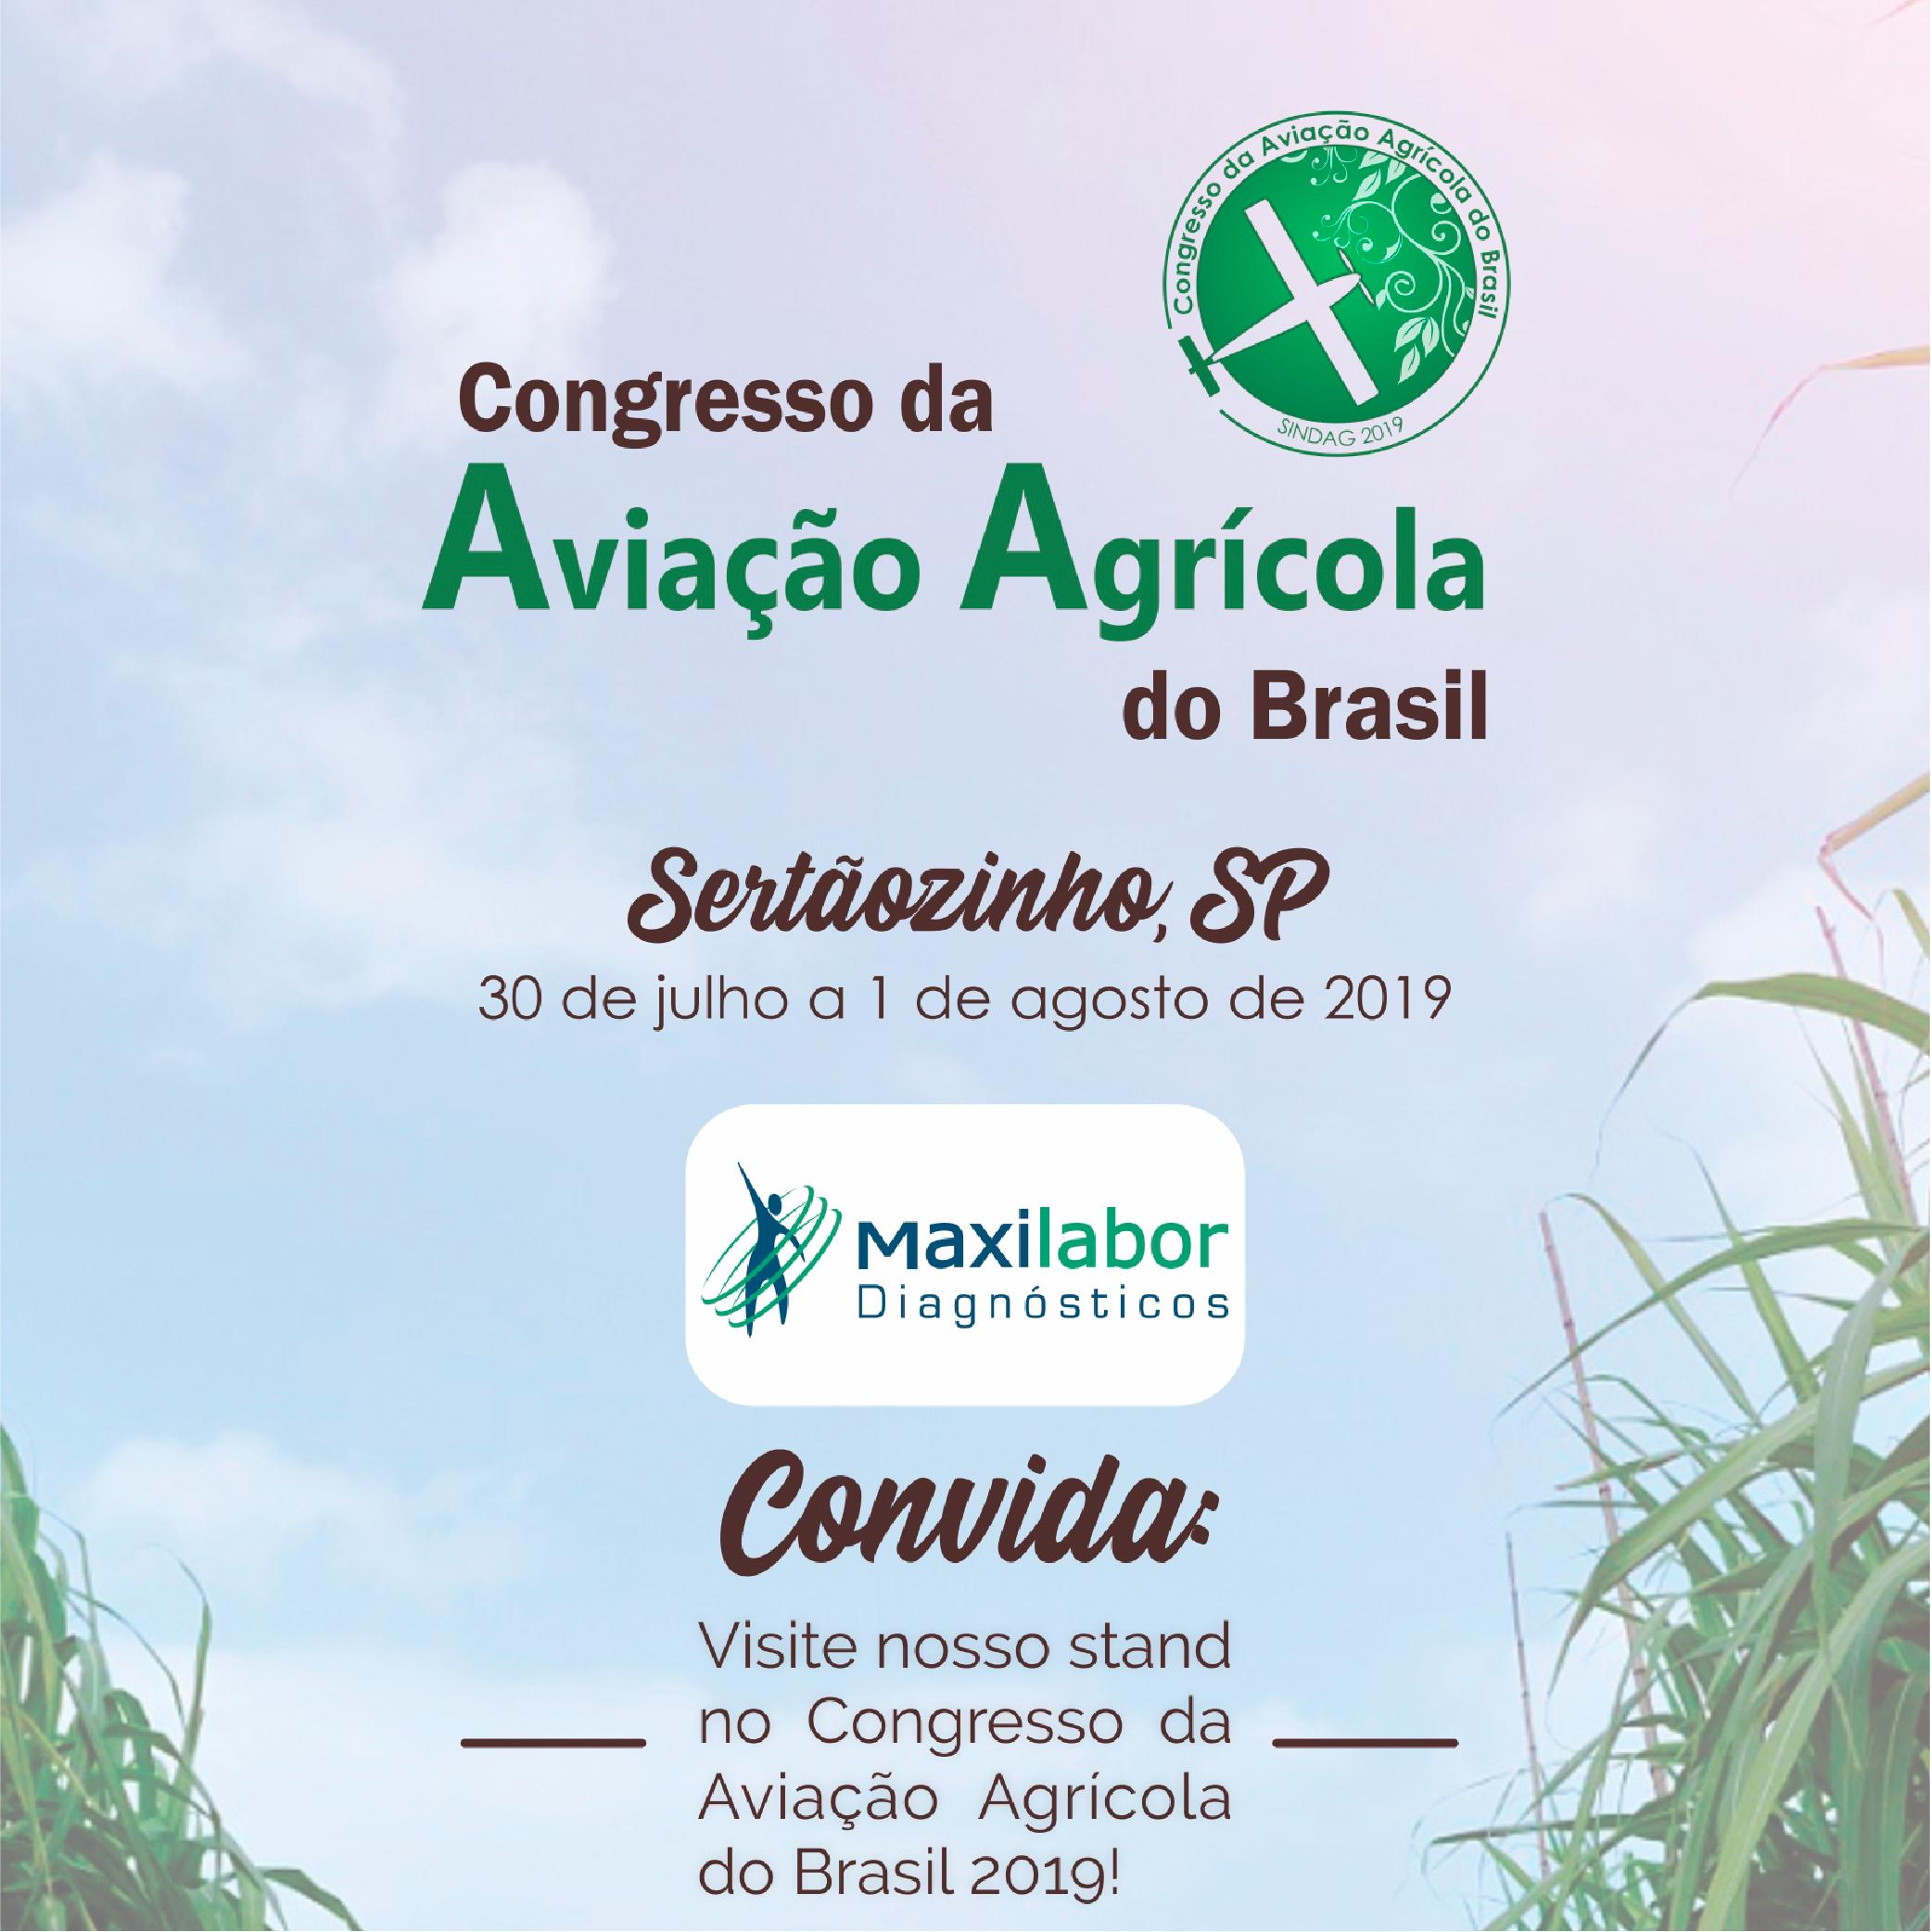 Maxilabor no Congresso de Aviação Agrícola